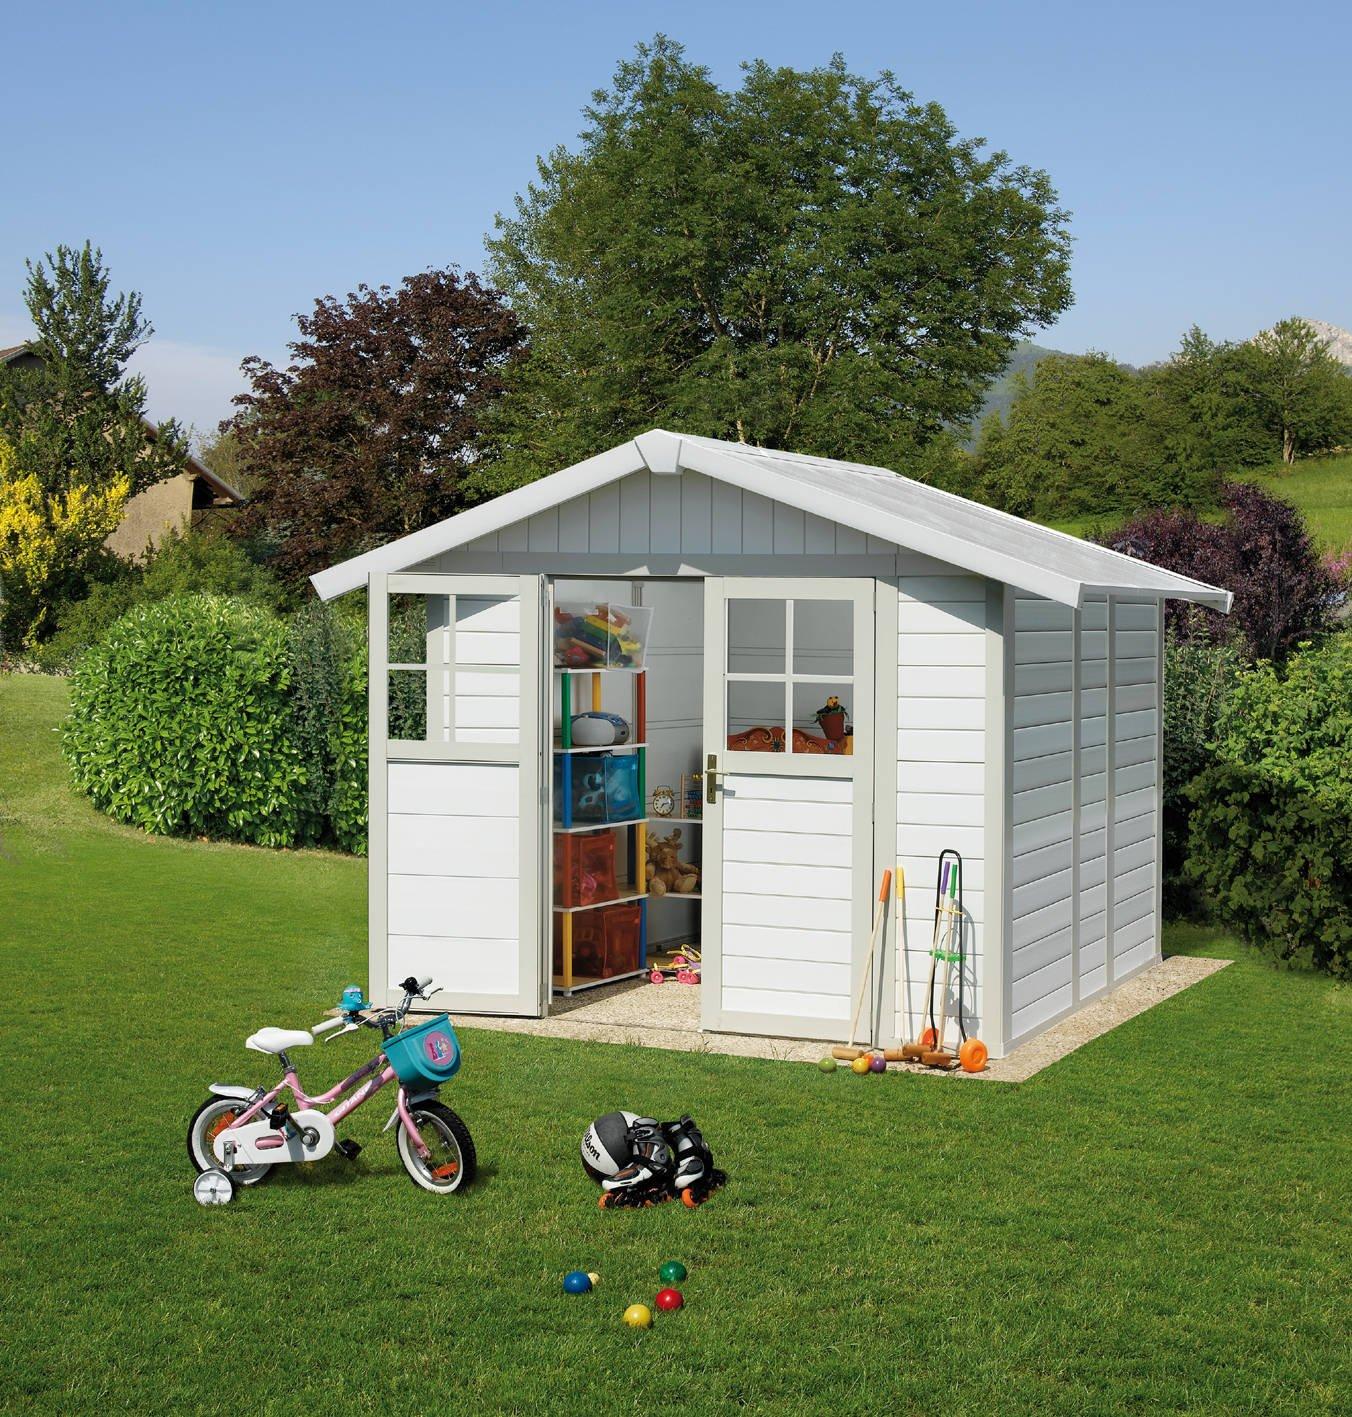 caseta cobertizo de resina jardin grosfillex deco5 4.90 m2 color gris verde: Amazon.es: Bricolaje y herramientas